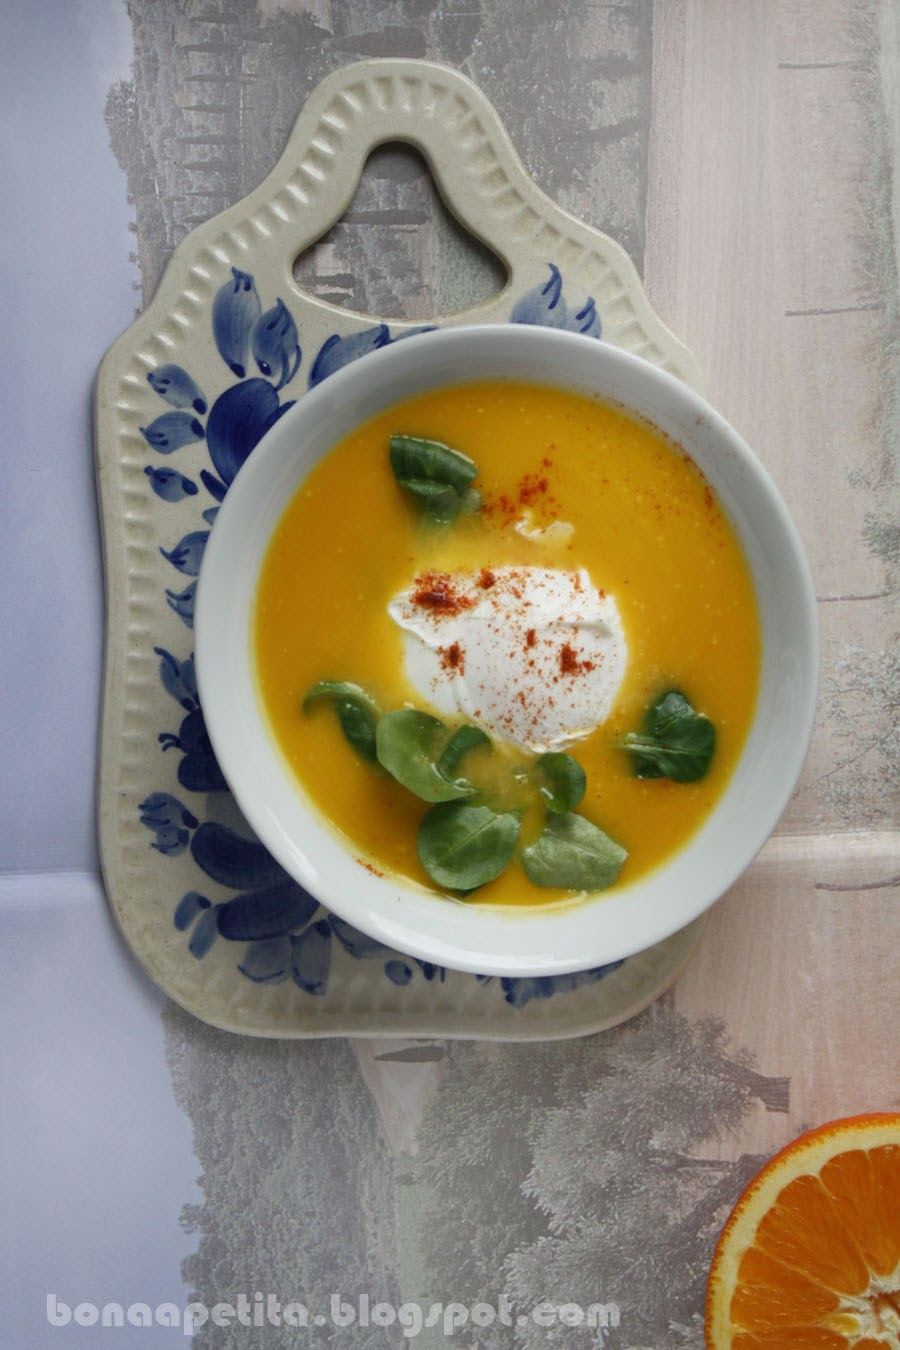 Zupa krem z dyni na ostro z wkładka pomaranczowa i jajkiem w koszulce